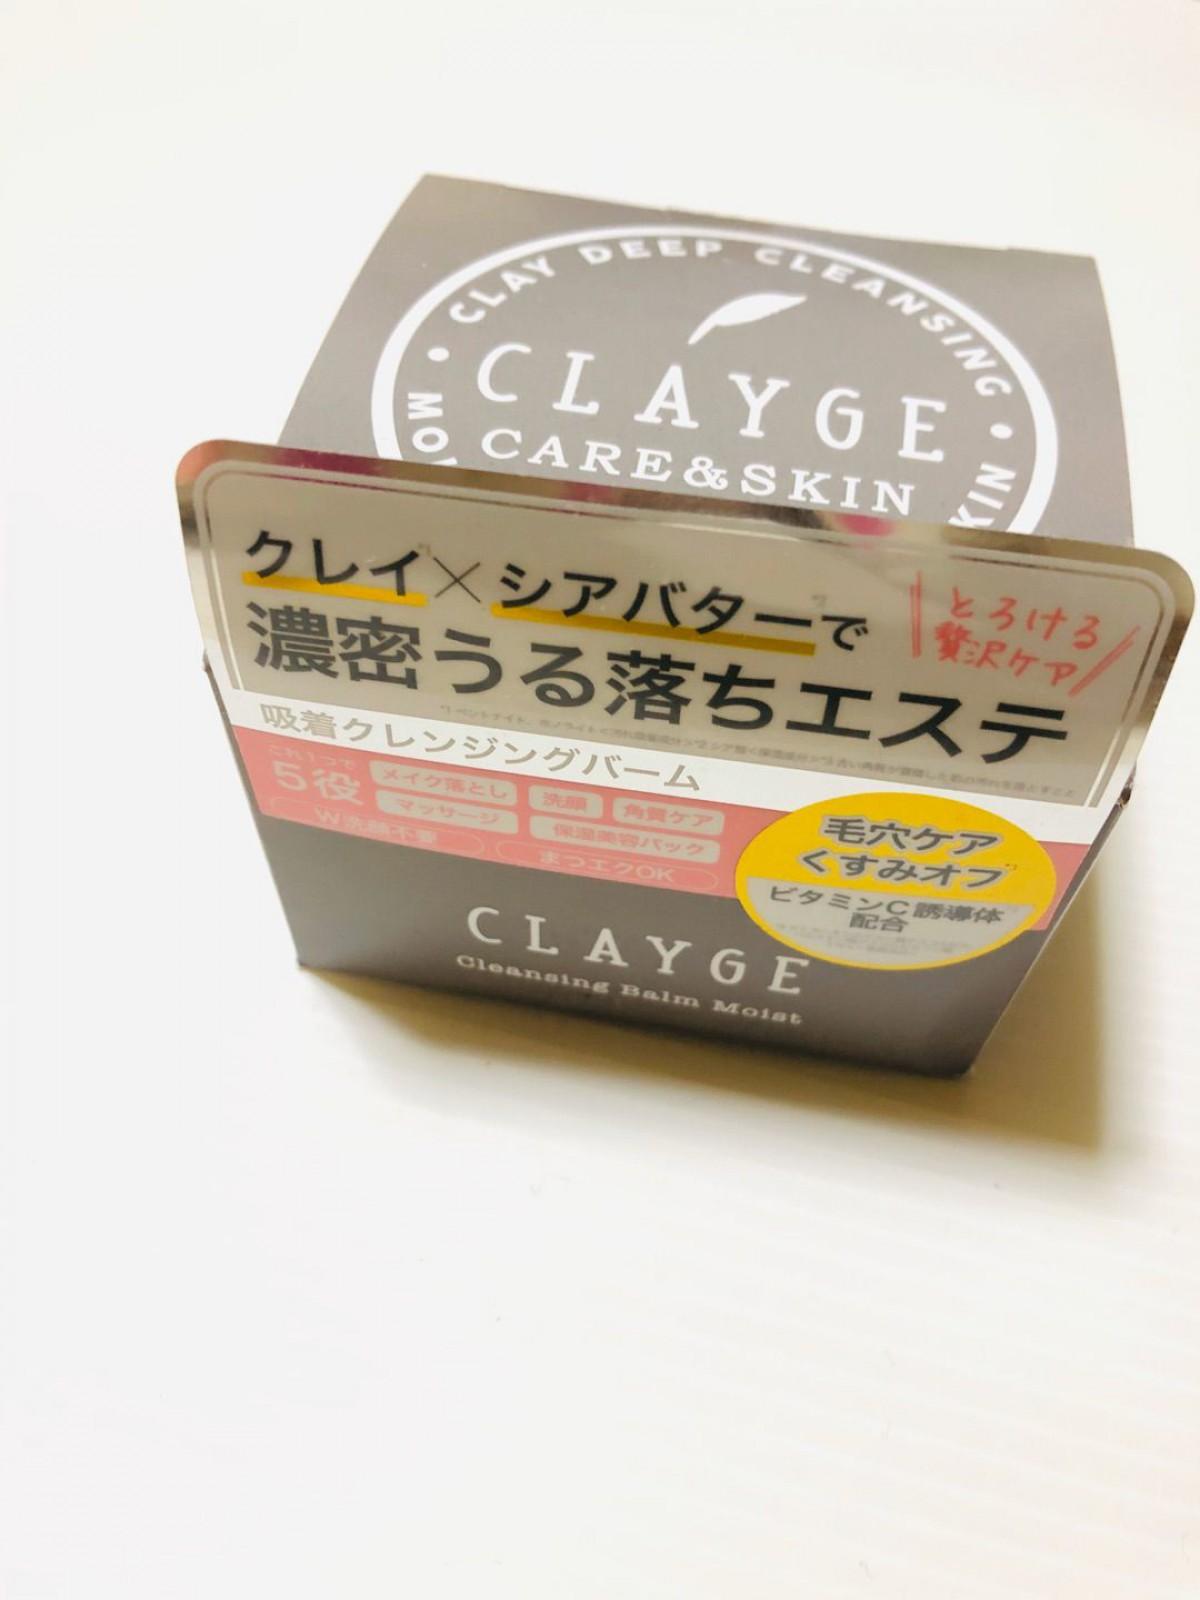 ★CLAYGE★ クレンジングバームモイスト